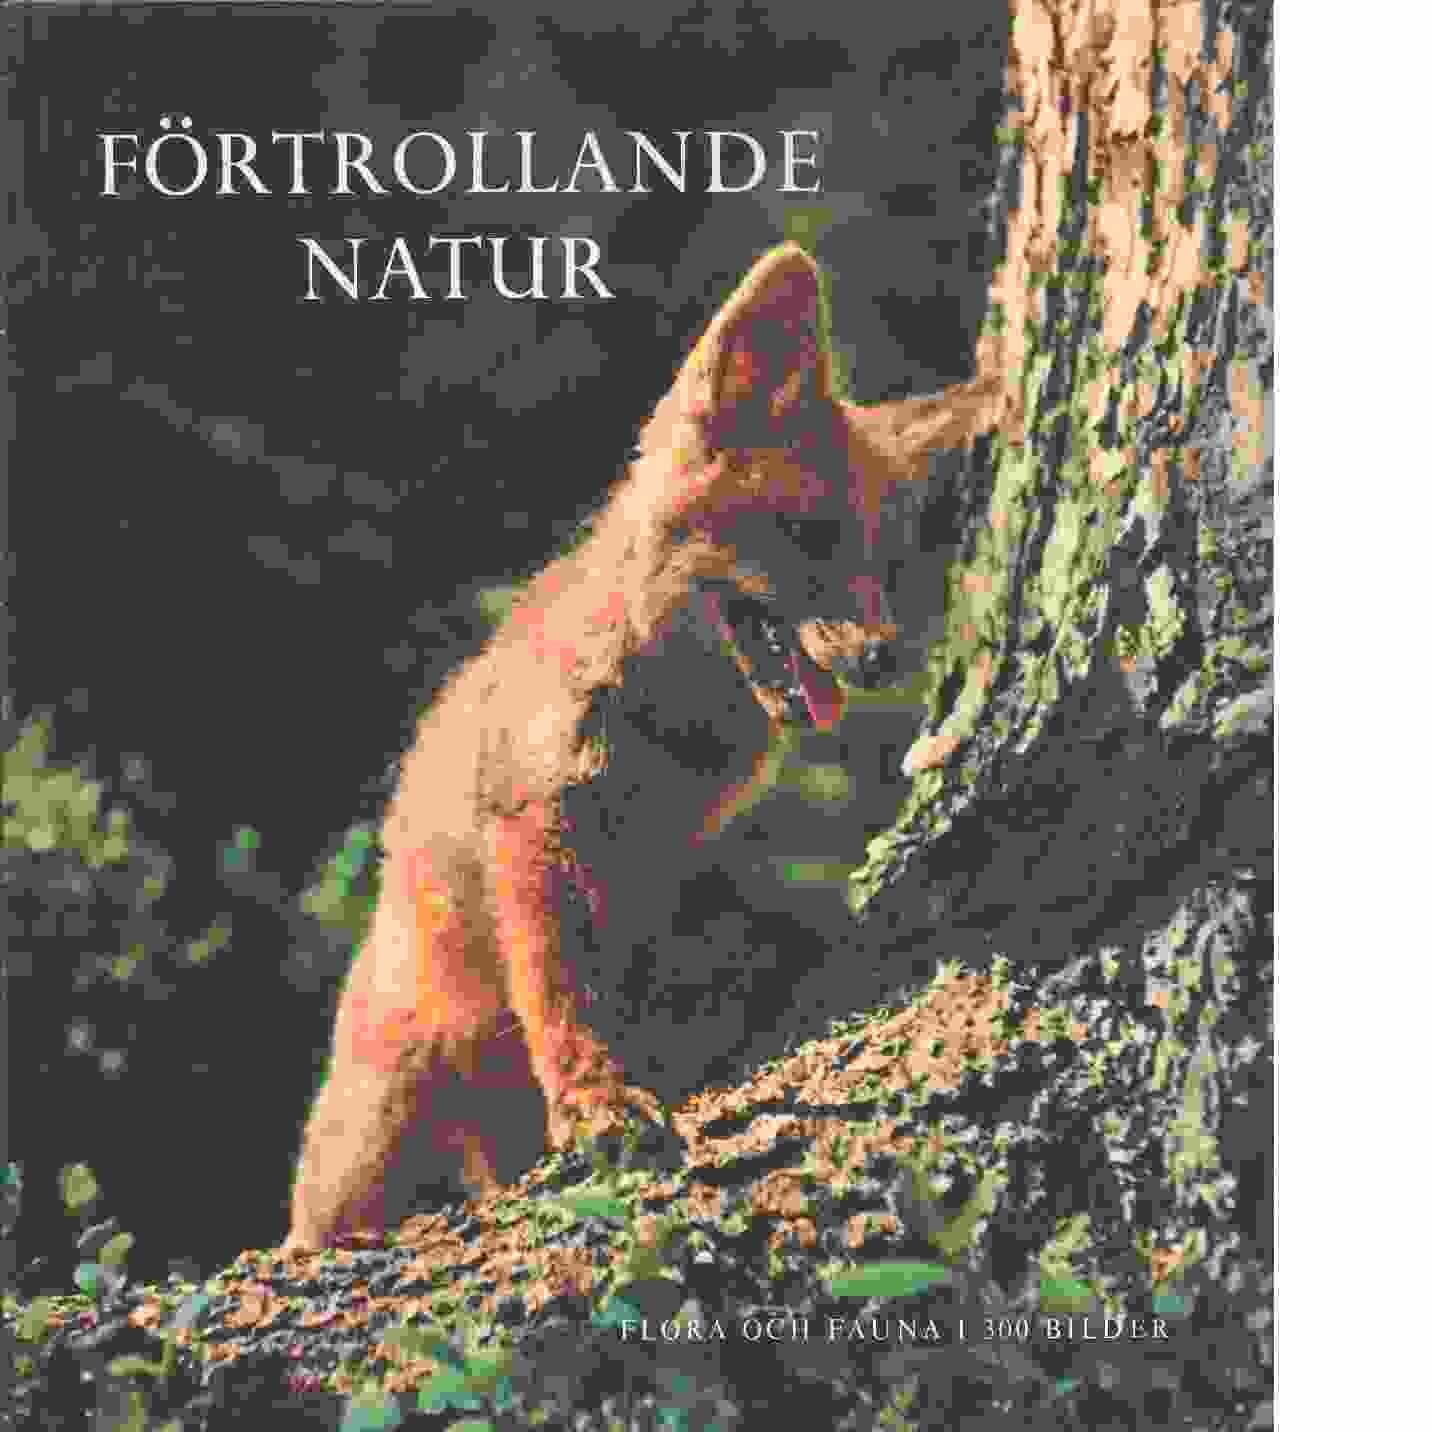 Förtrollande natur : flora och fauna i 300 bilder - Red.